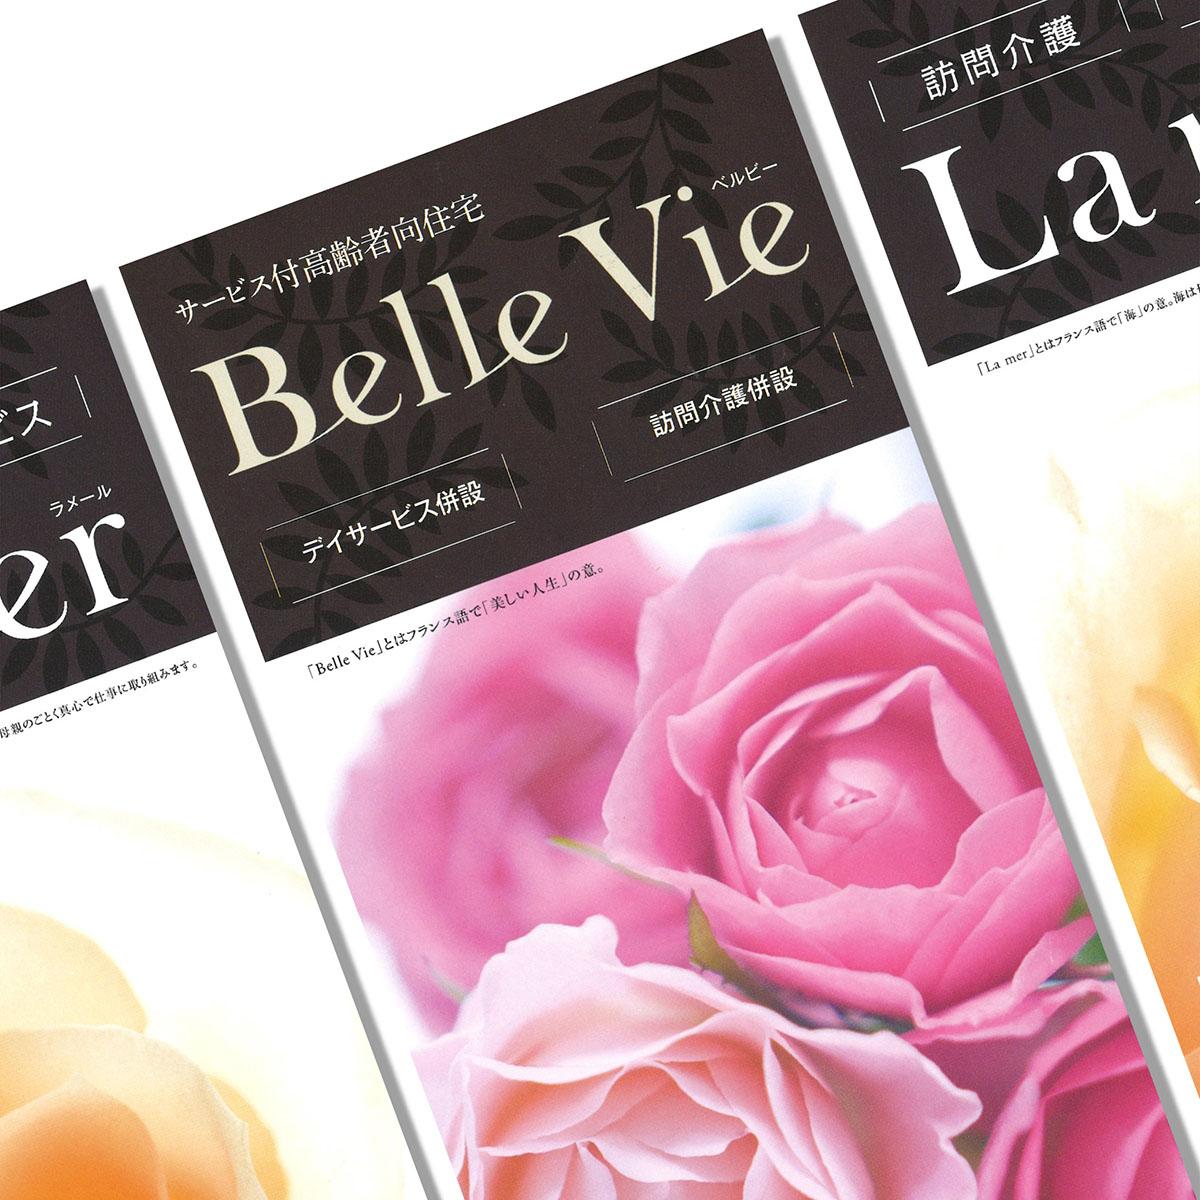 サービス付き高齢者向け住宅 Belle Vie リーフレット